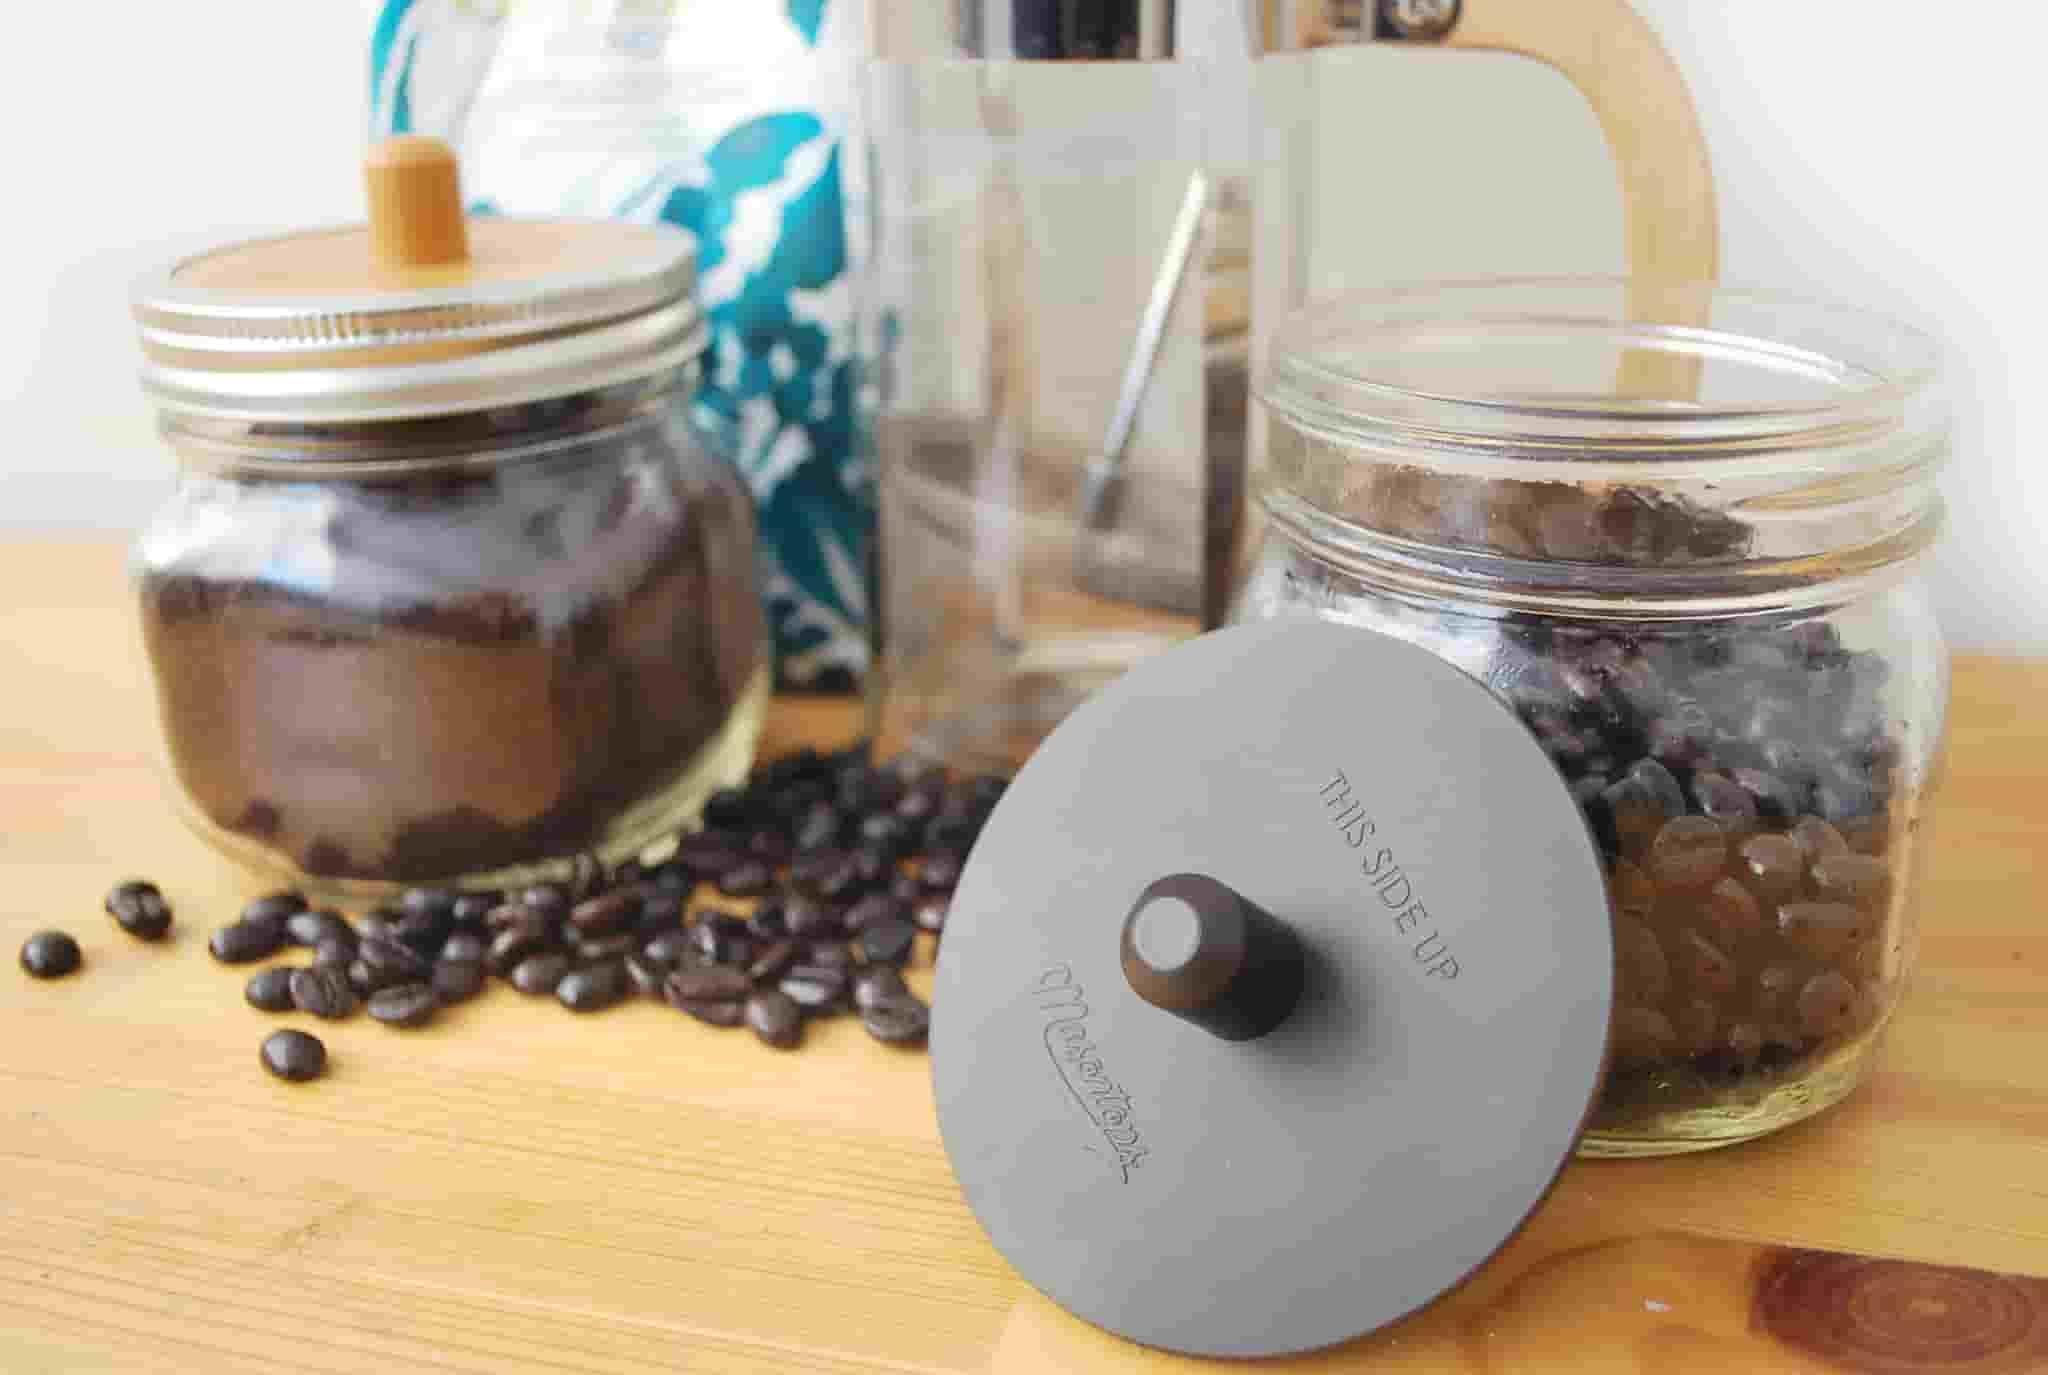 Cách bảo quản cà phê bột tốt nhất bạn cần biết! Thủ thuật bảo quản cà phê